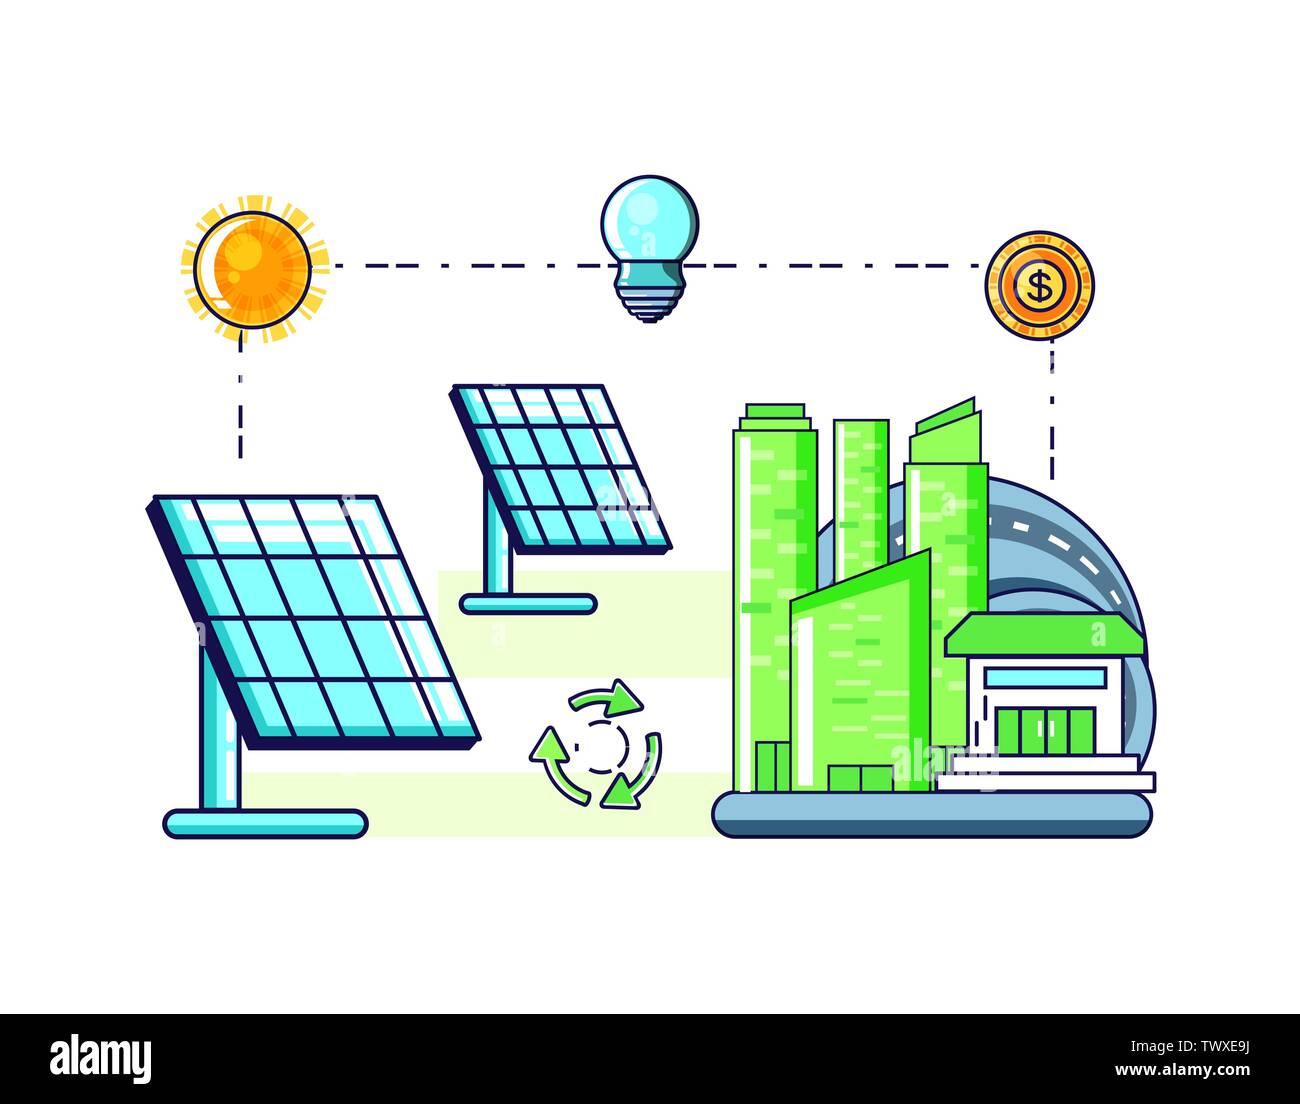 La conception de l'équilibre, la durabilité écologique et renouvelable écologie recyclage vert thème solution Vector illustration Photo Stock